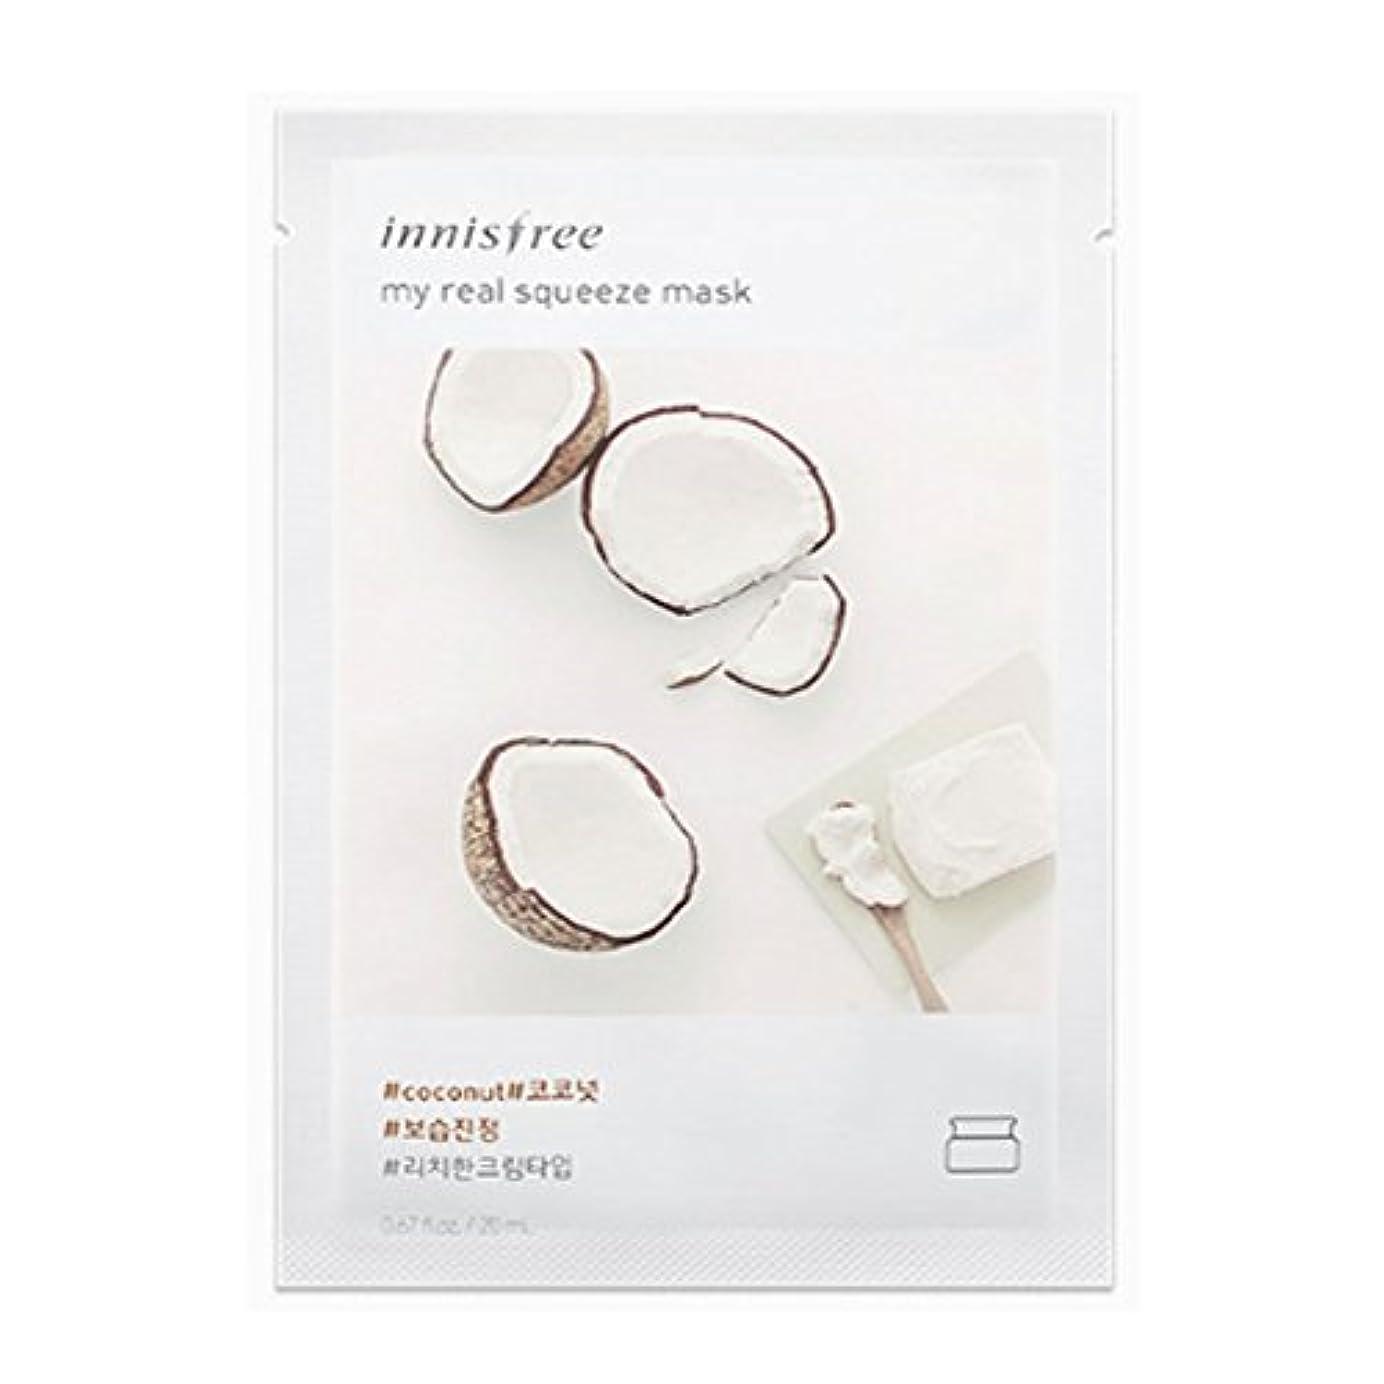 五小数原稿イニスフリーダブルフィットリフティングマスク17g + 19g Innisfree Double Fit Lifting Mask 17g+19g [海外直送品][並行輸入品] (#1-Elastic moisturizing)